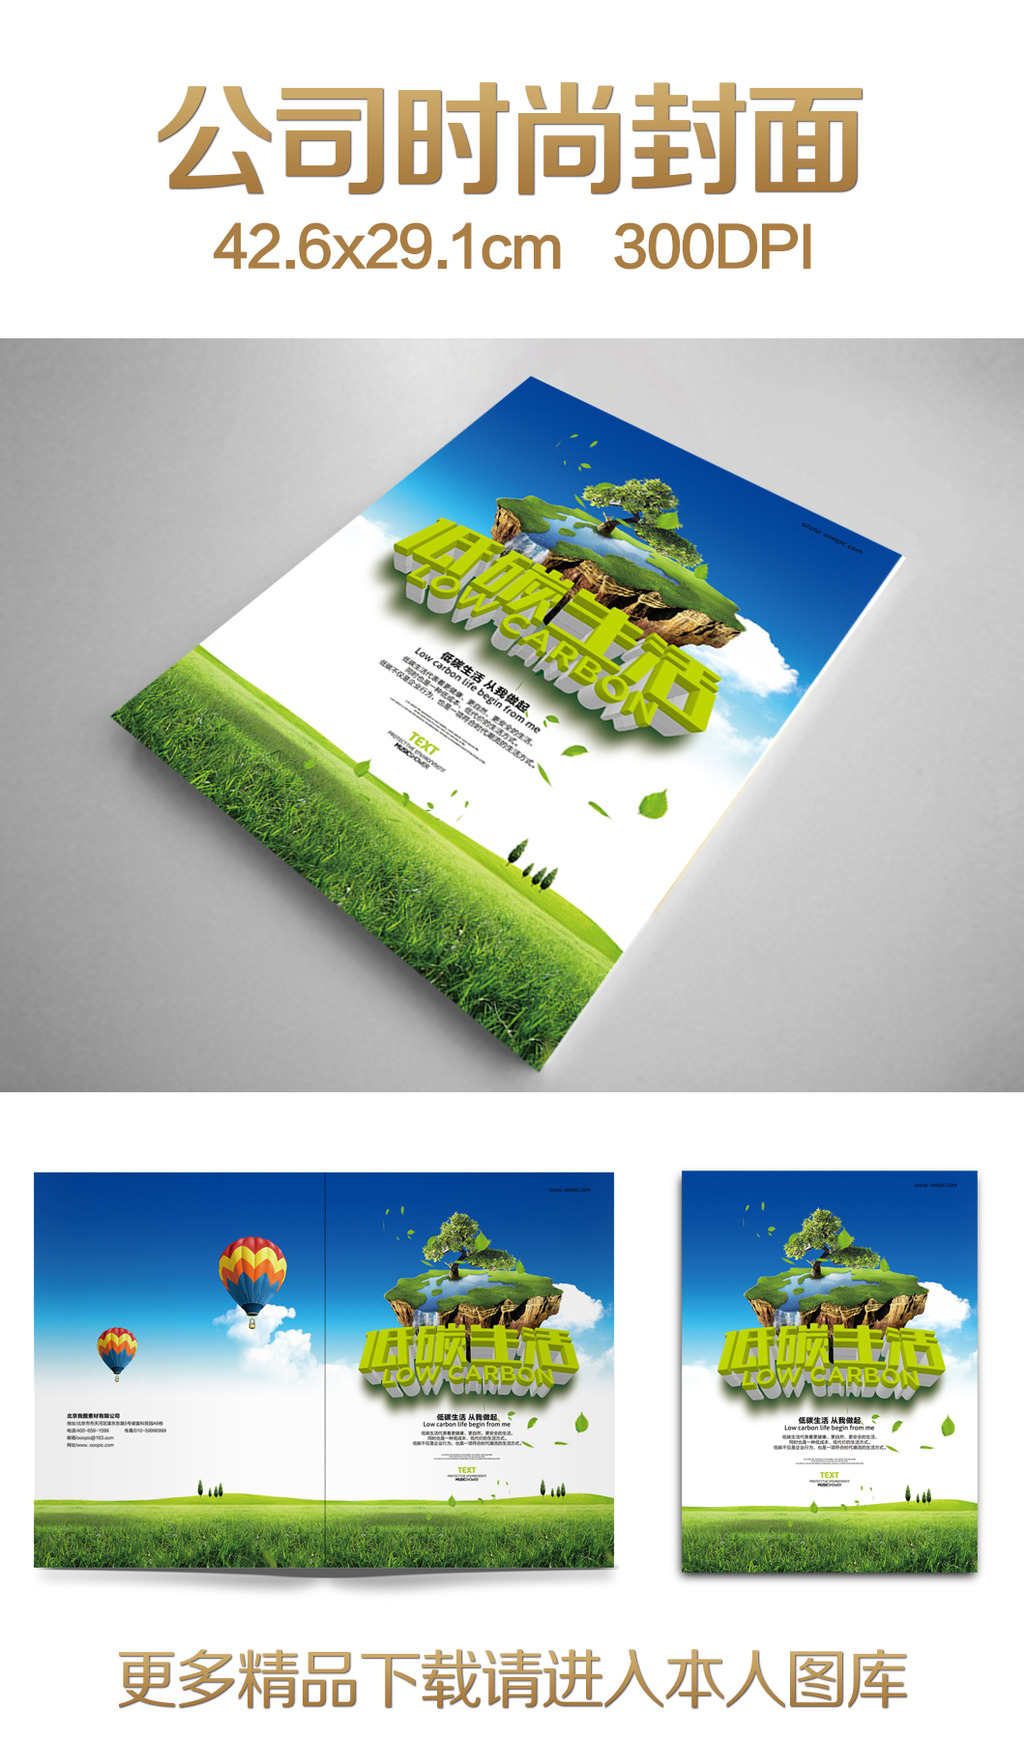 蓝天草地岛屿流水低碳生活企业画册封面